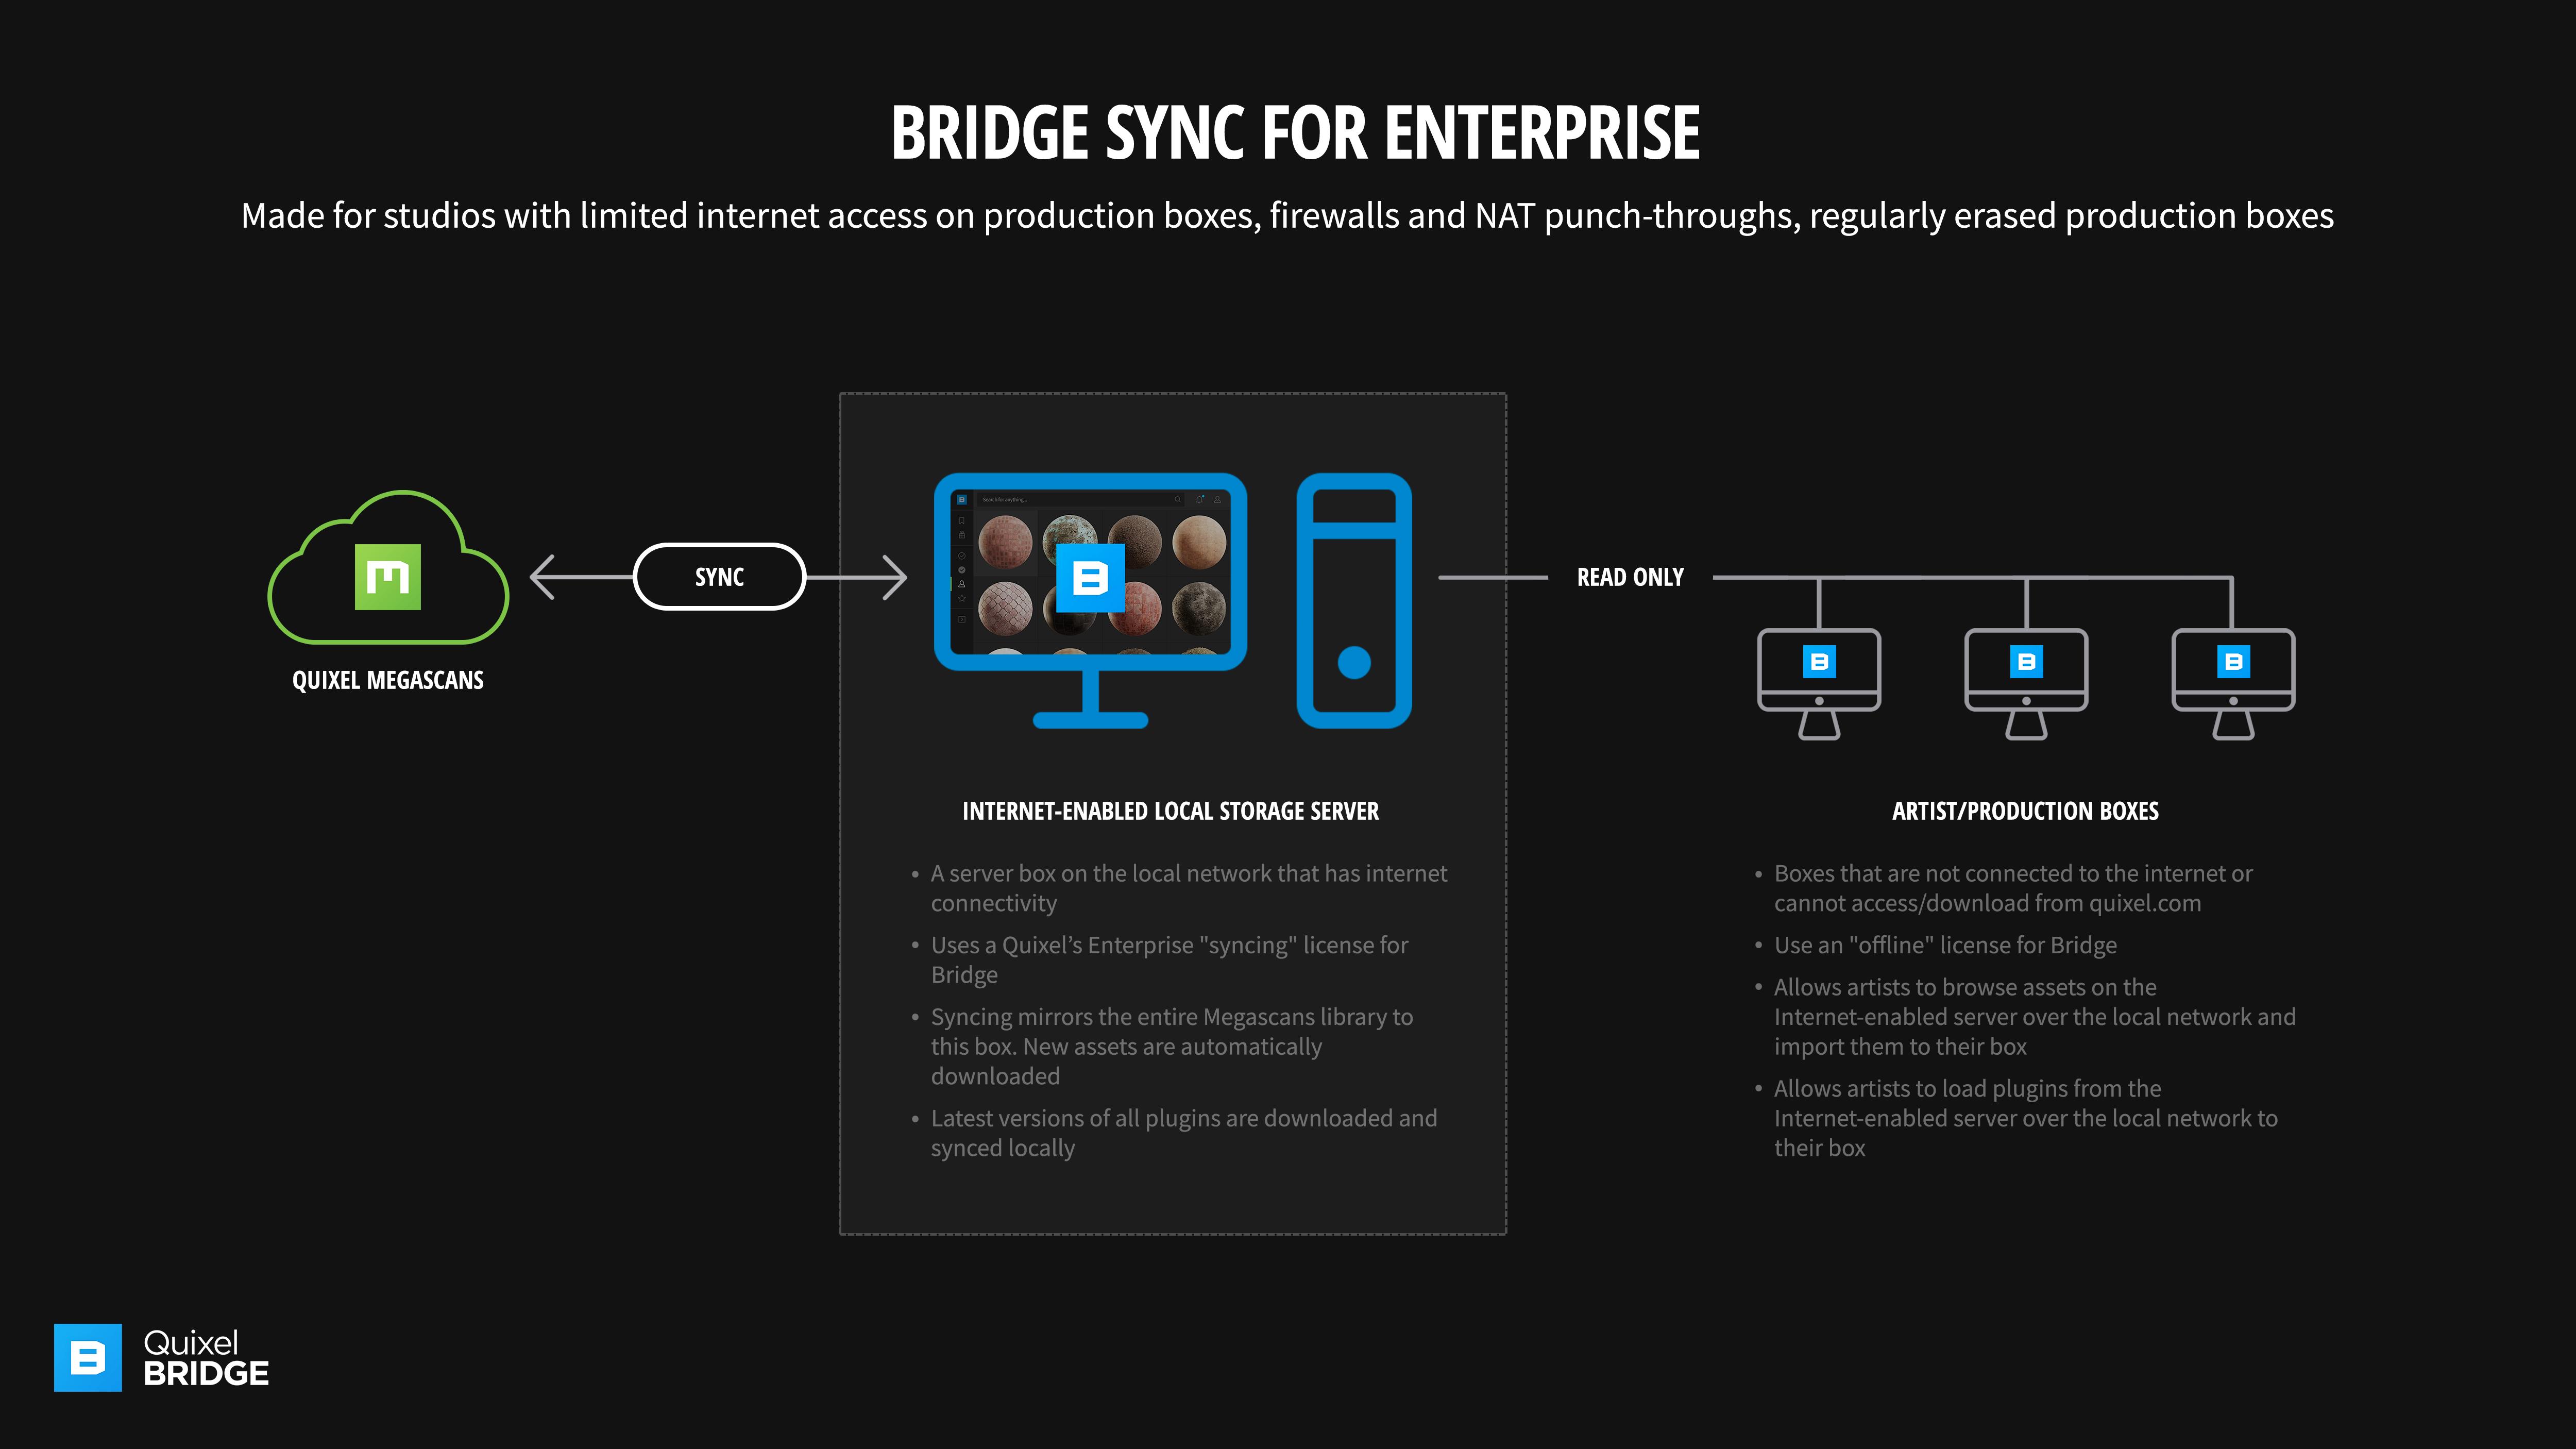 Quixel Bridge 2019: Redefining Content Management